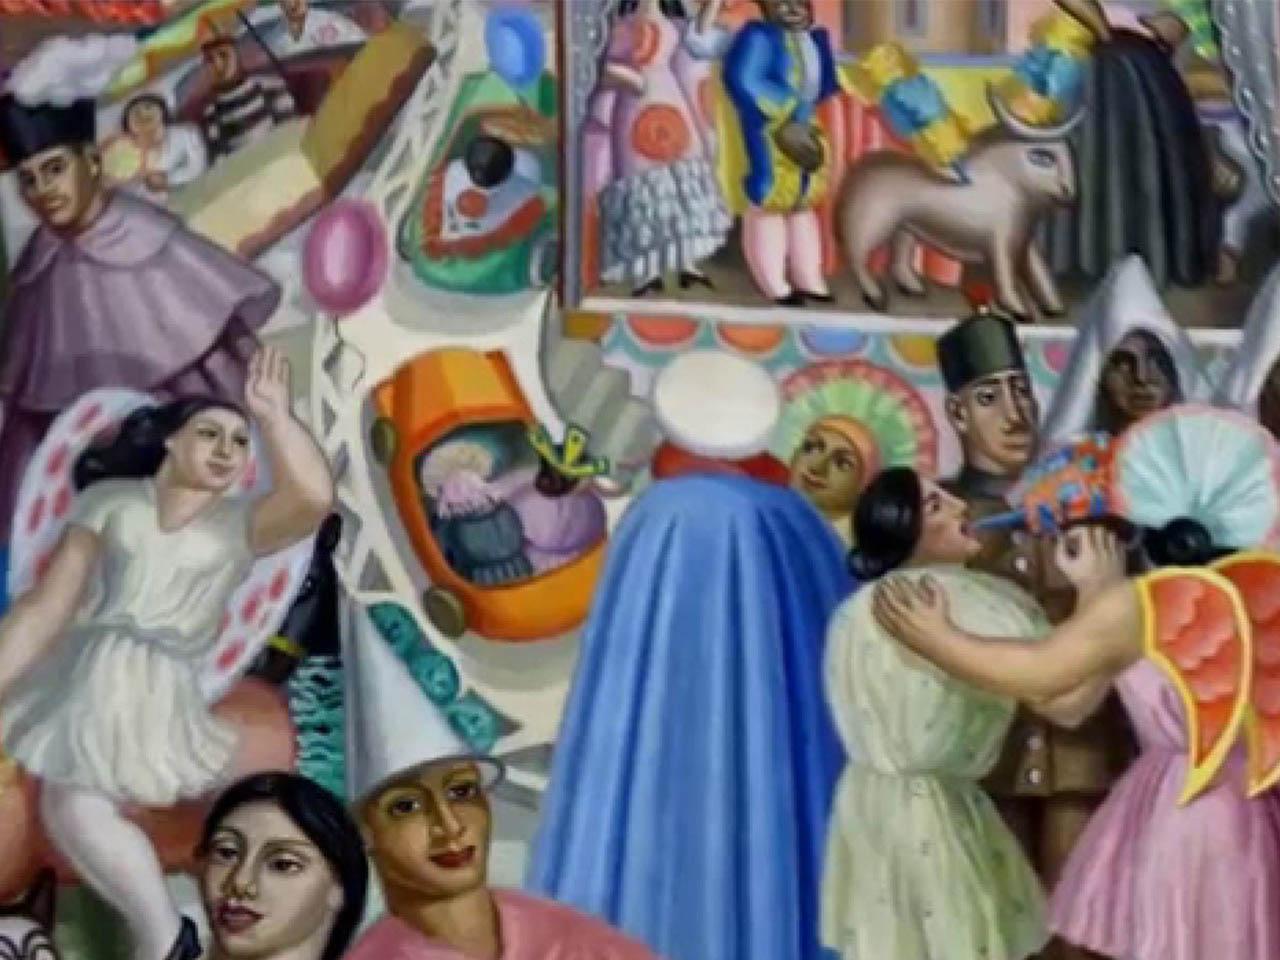 Maruja Mallo <br>La kermese 1928